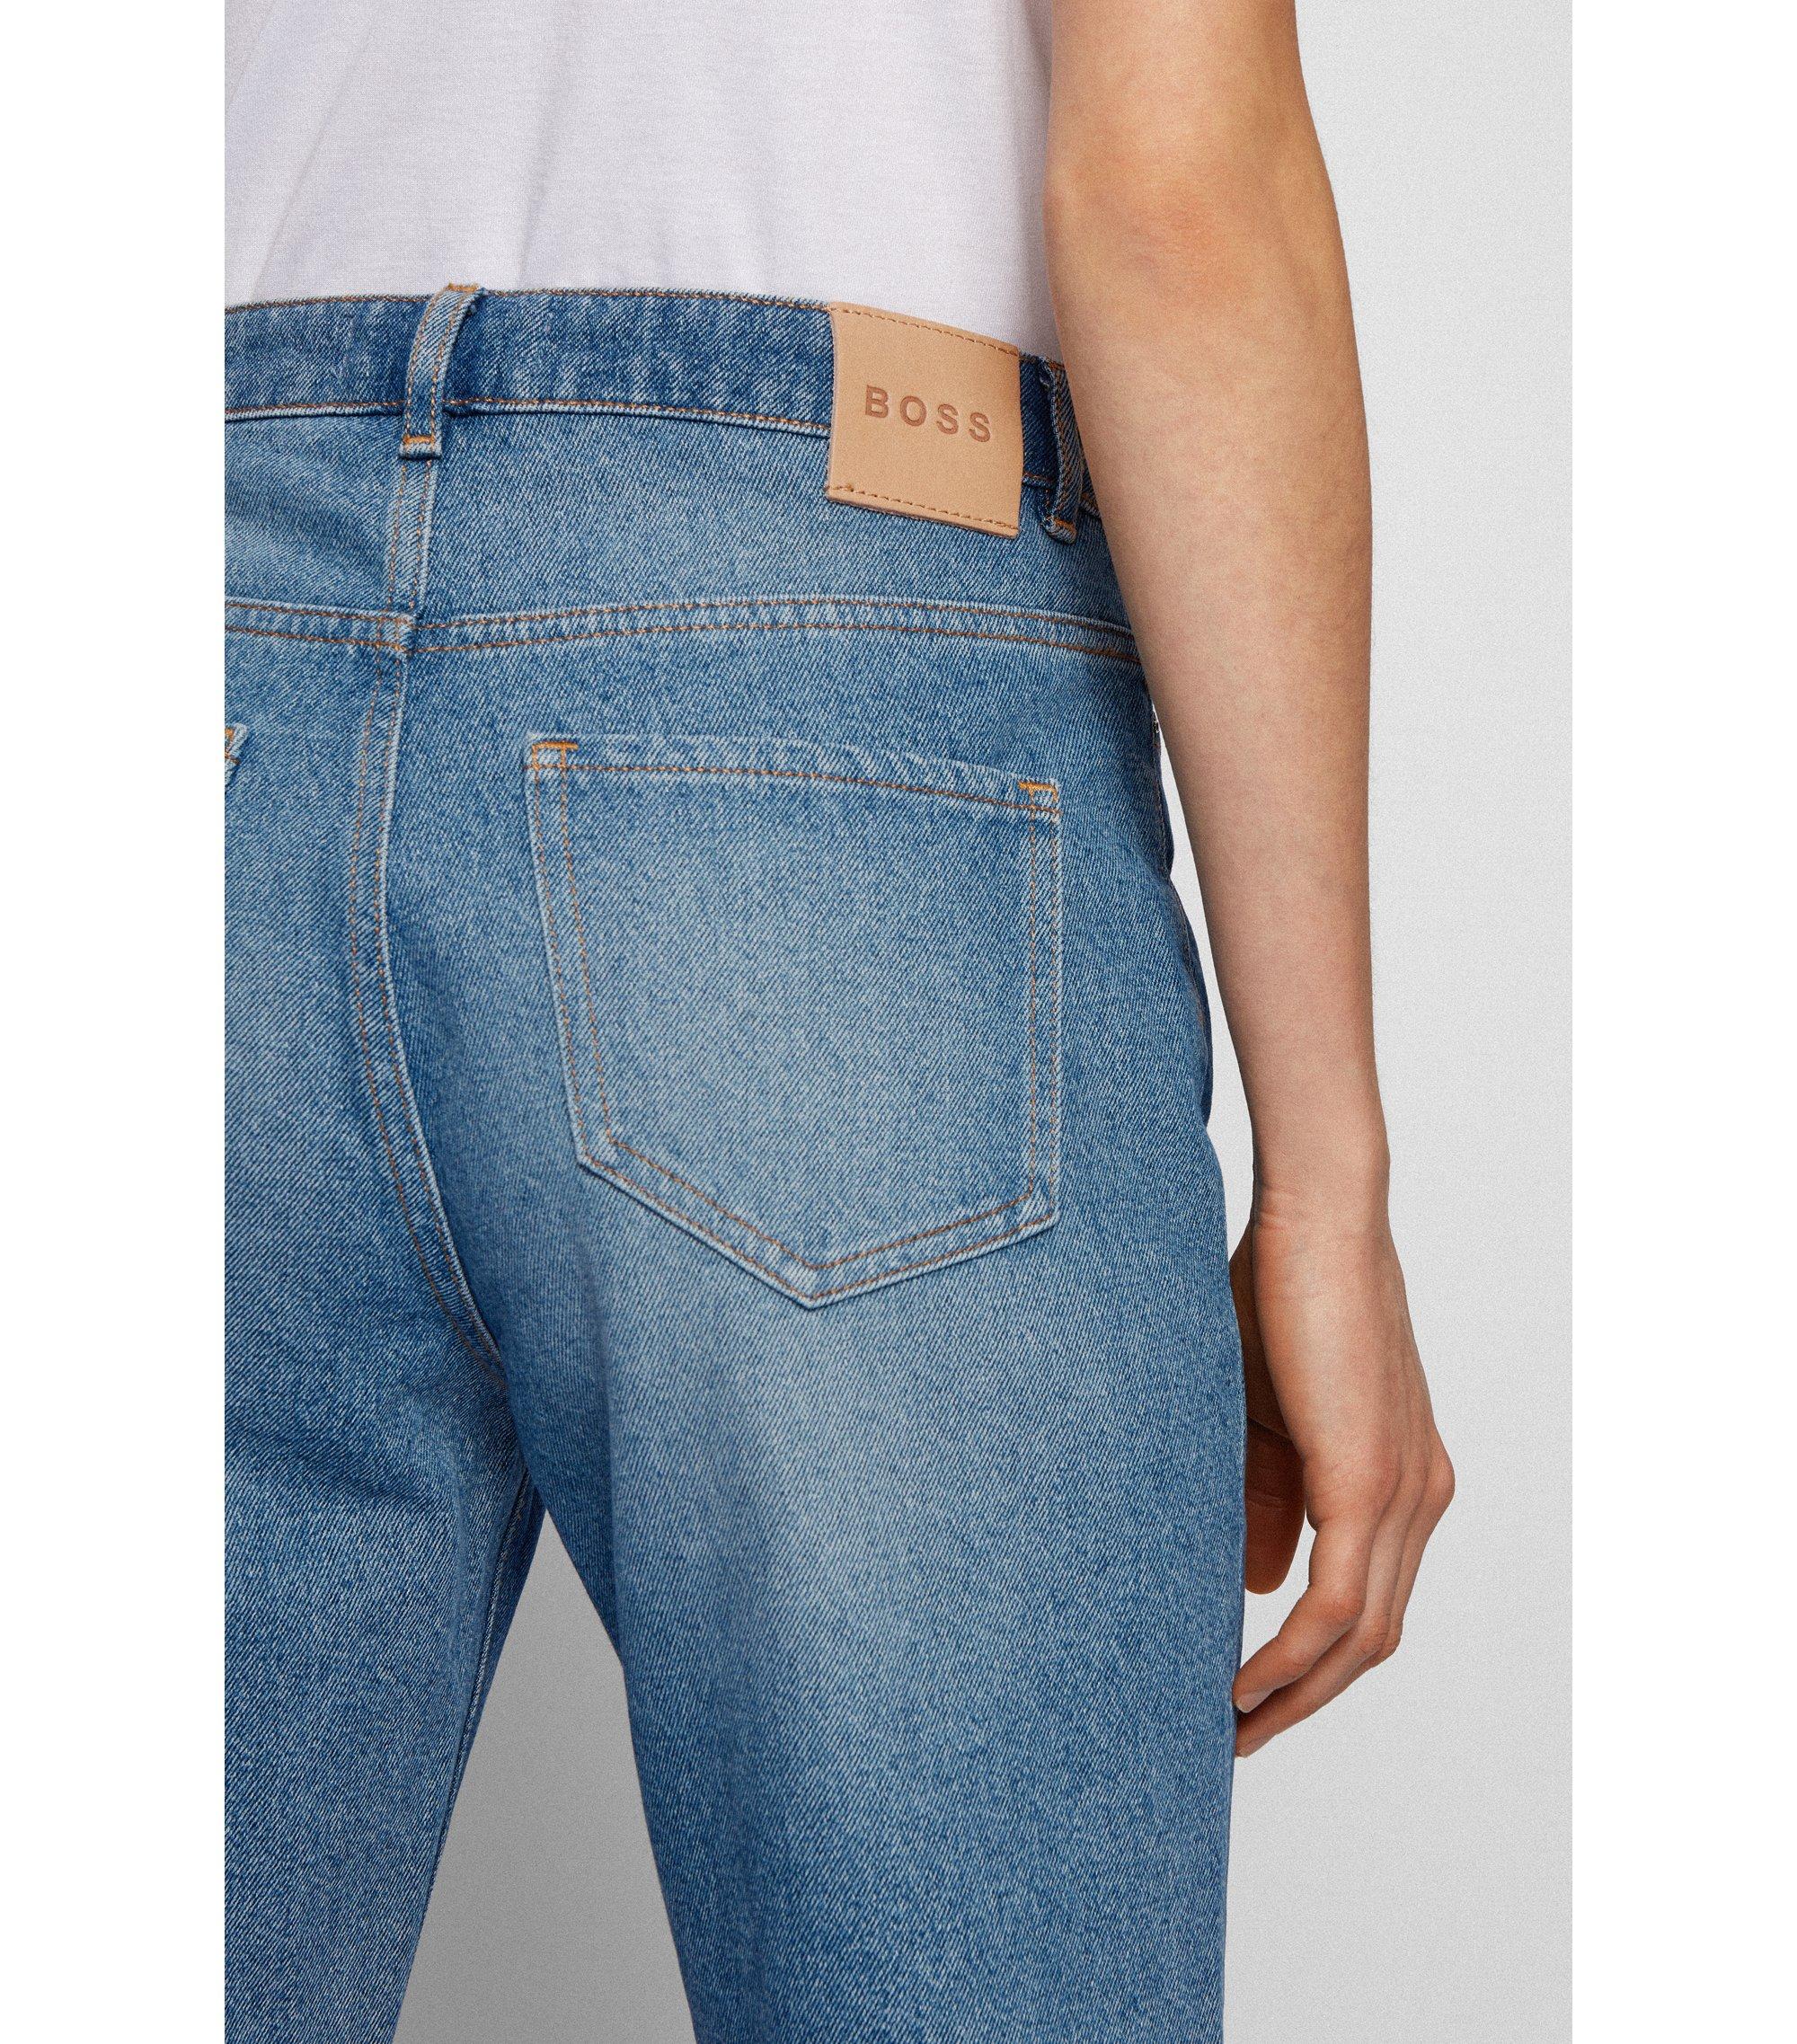 Filles New Denim Jeans Avec Ceinture toutes les tailles maintenant réduit Fashion